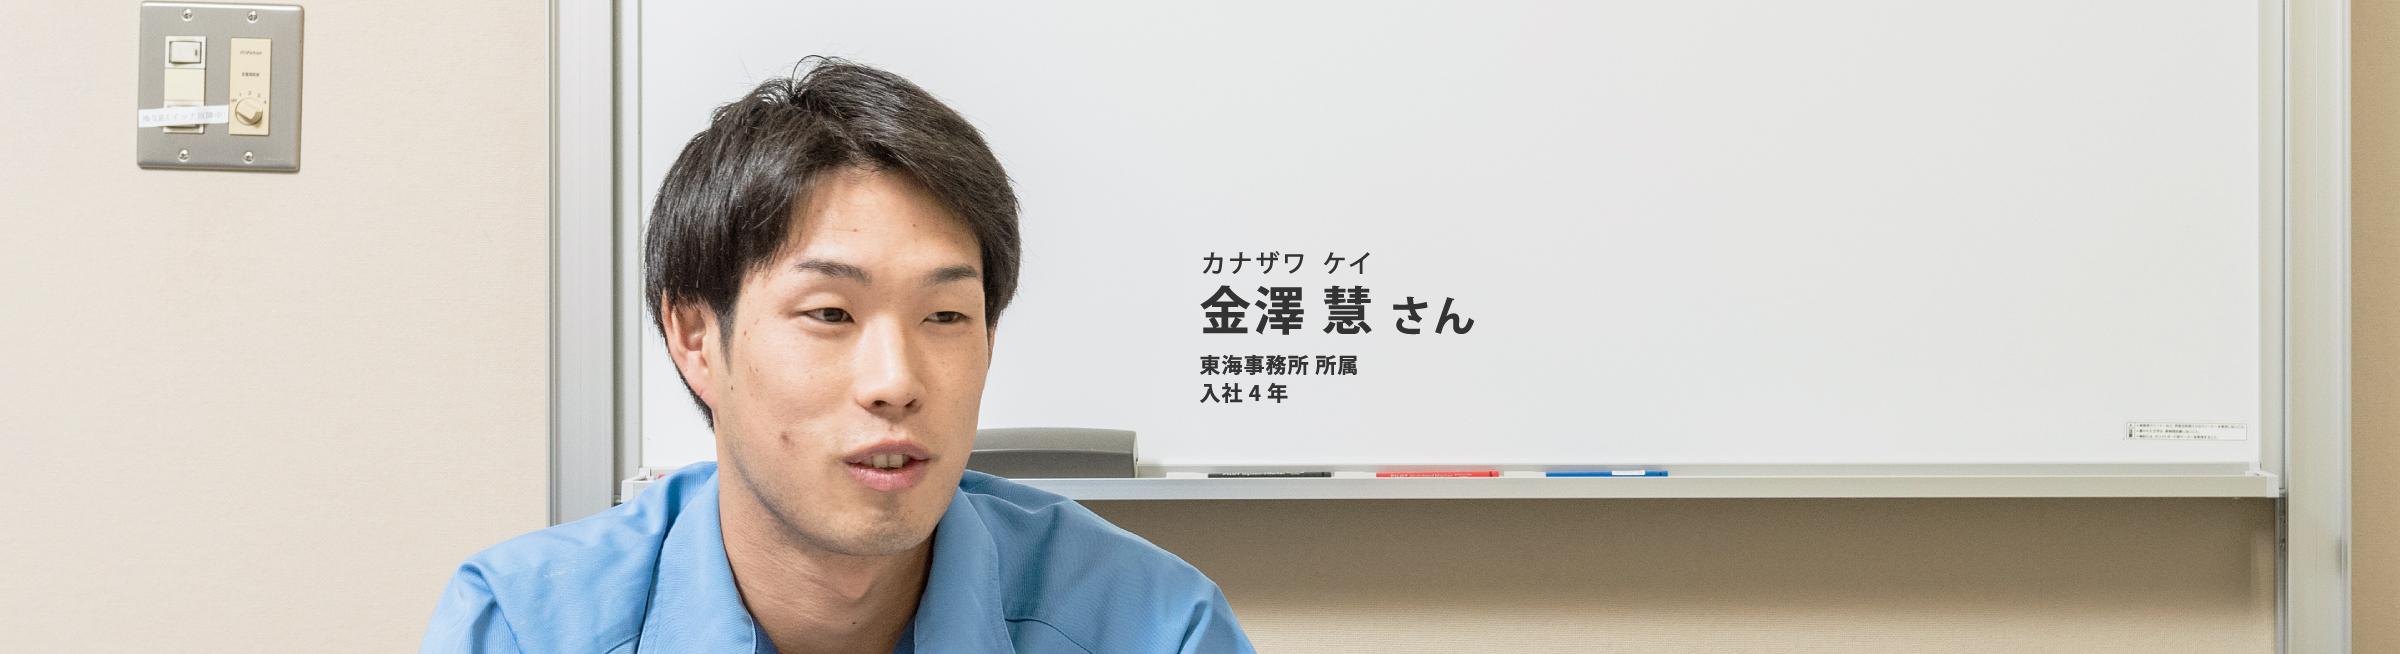 金澤慧(東海事業所所属、入社4年)